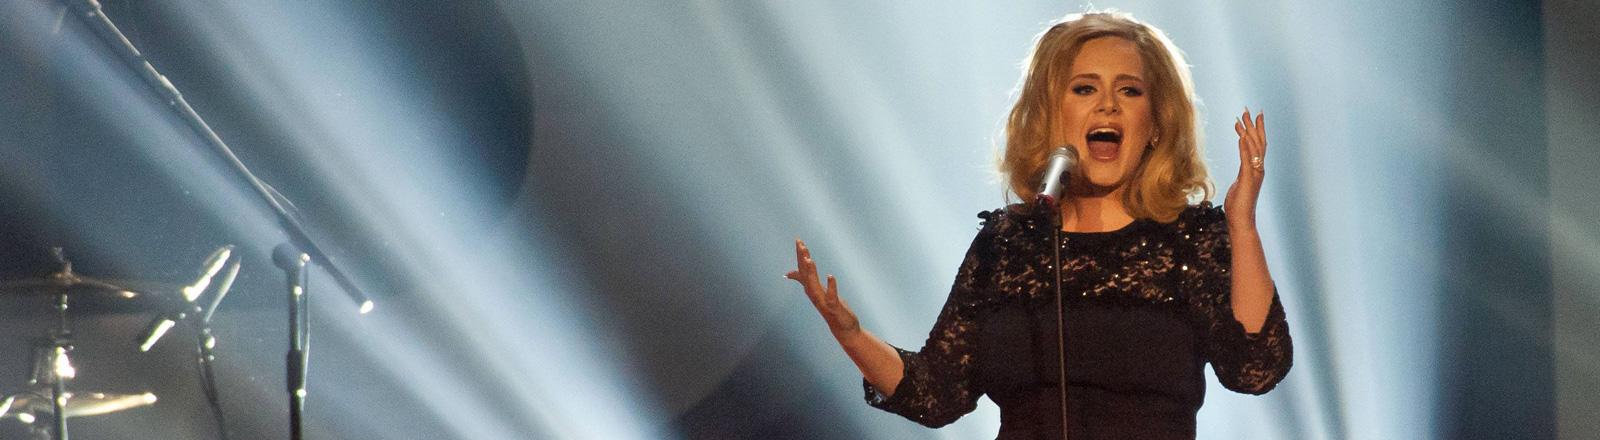 Adele bei einem Konzert in London 2012.